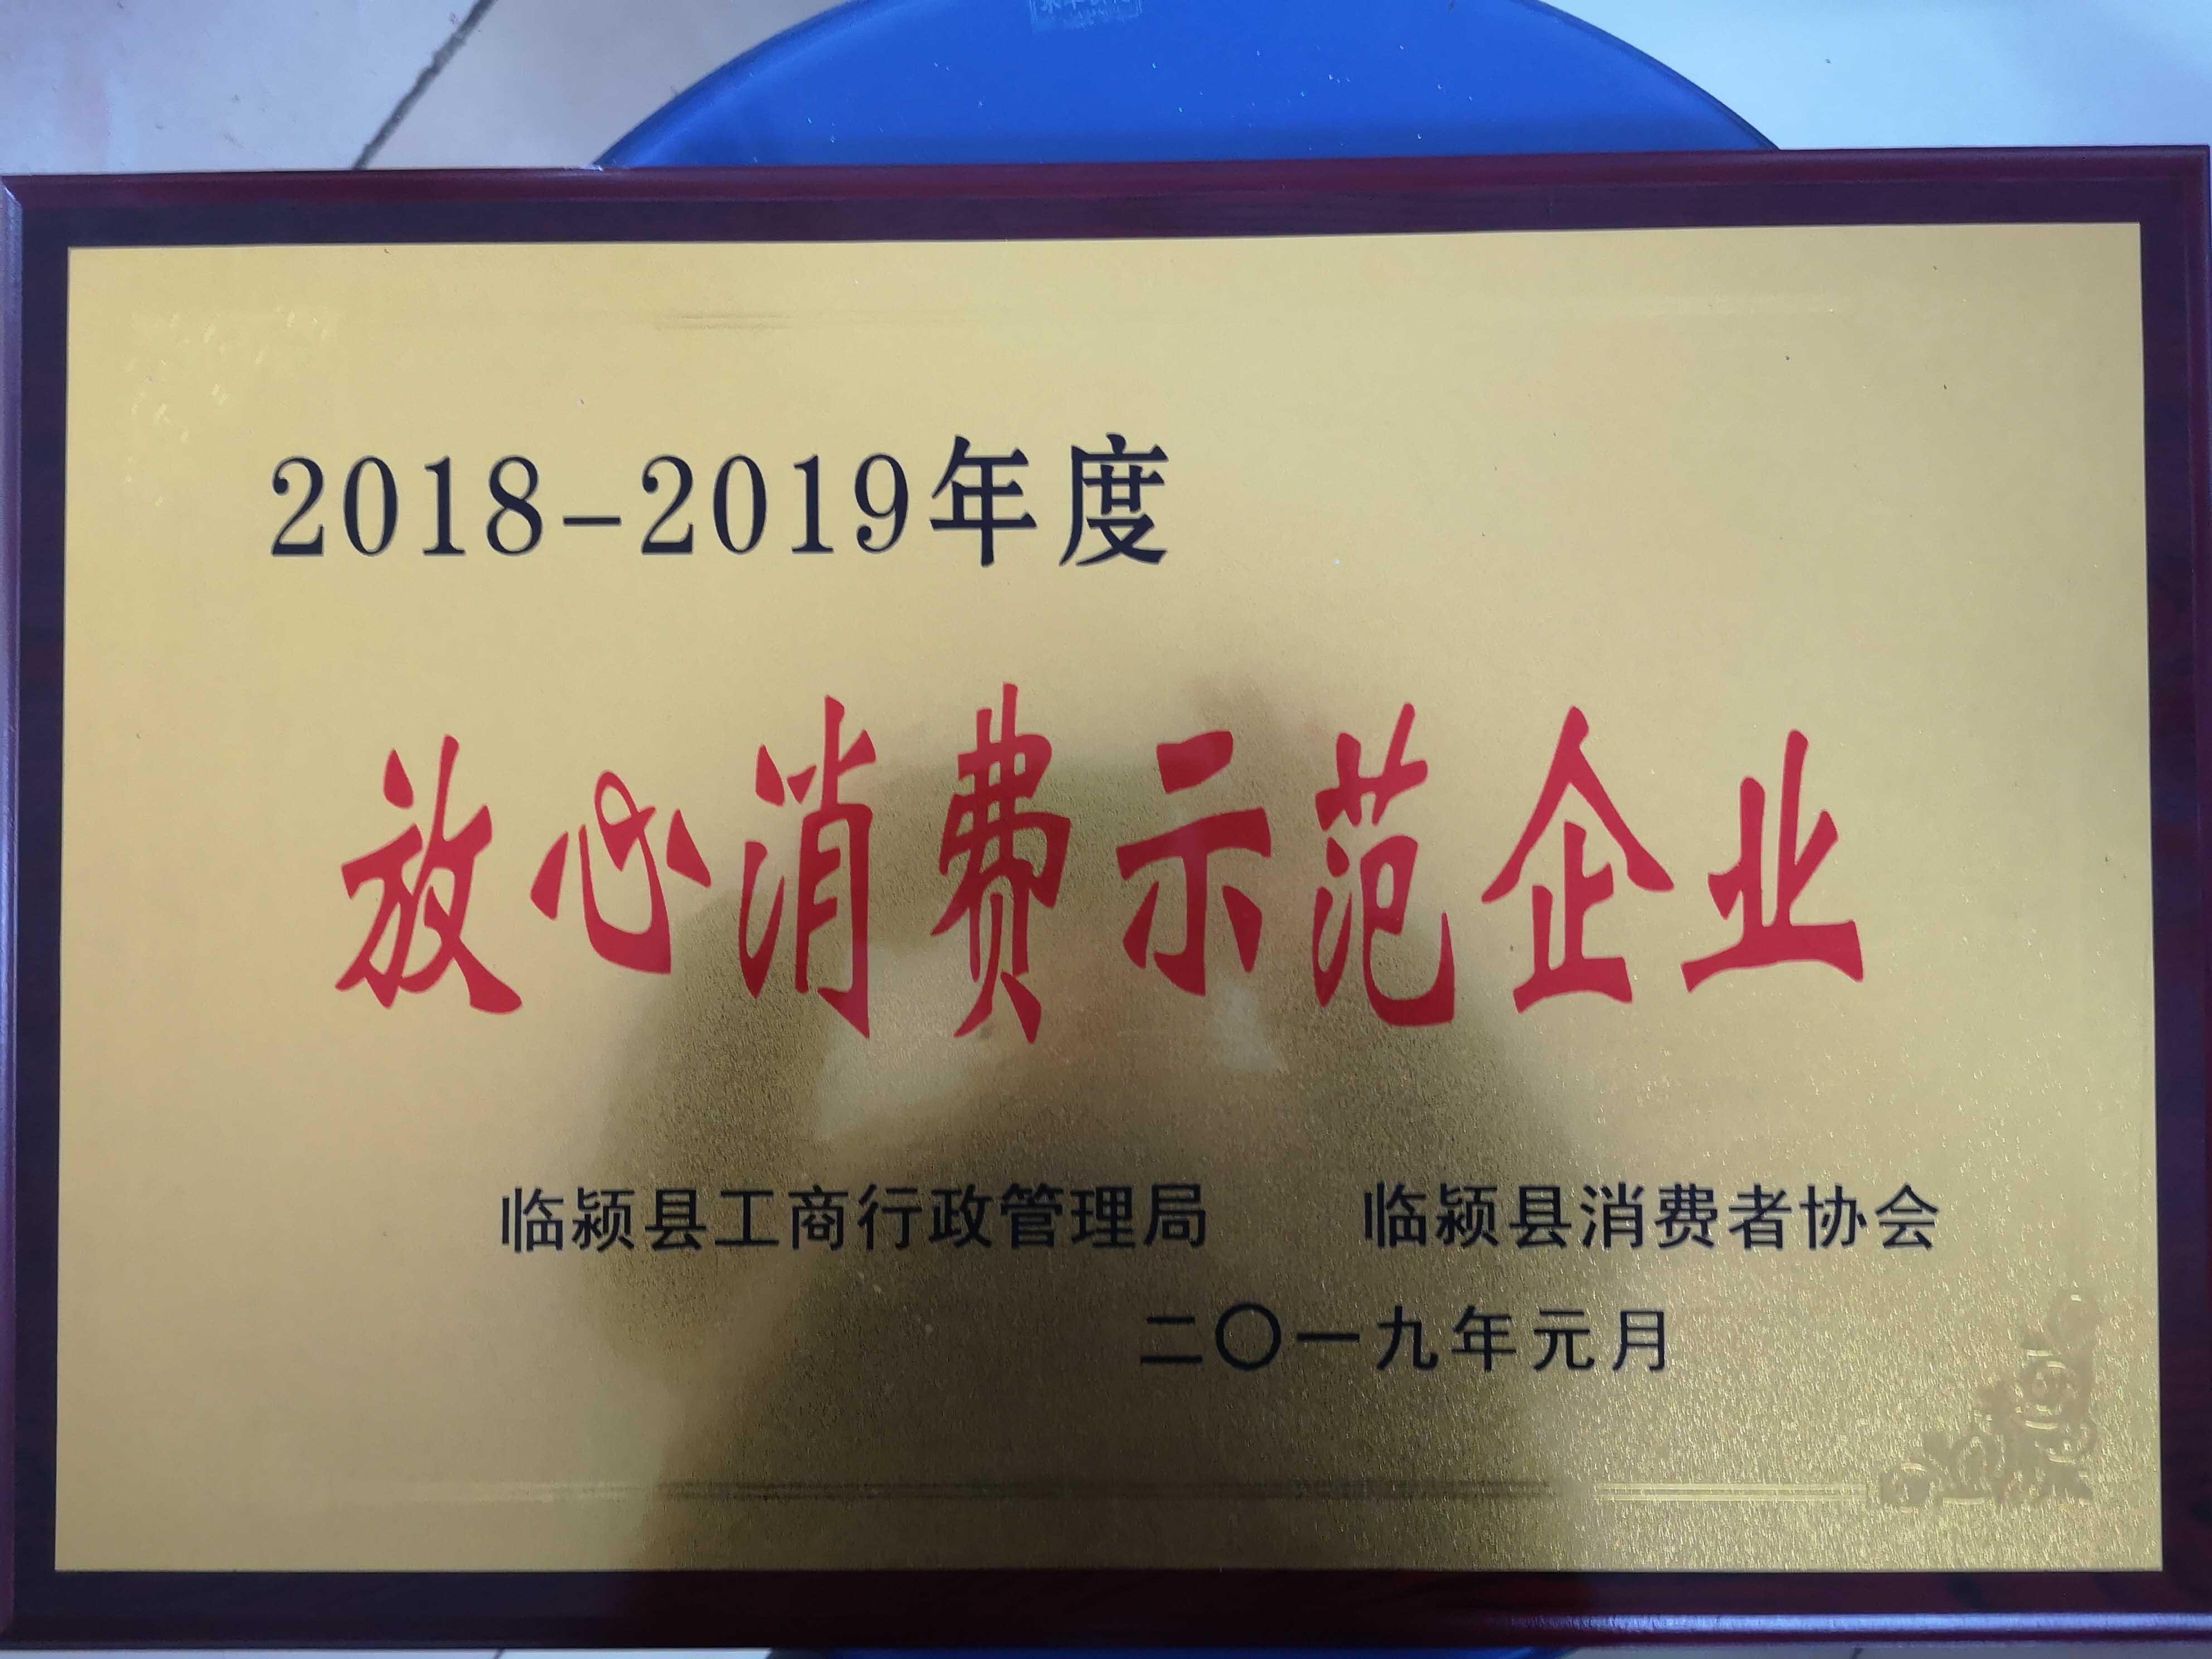 恭贺本公司荣获2018~2019年度放心消费示范单位